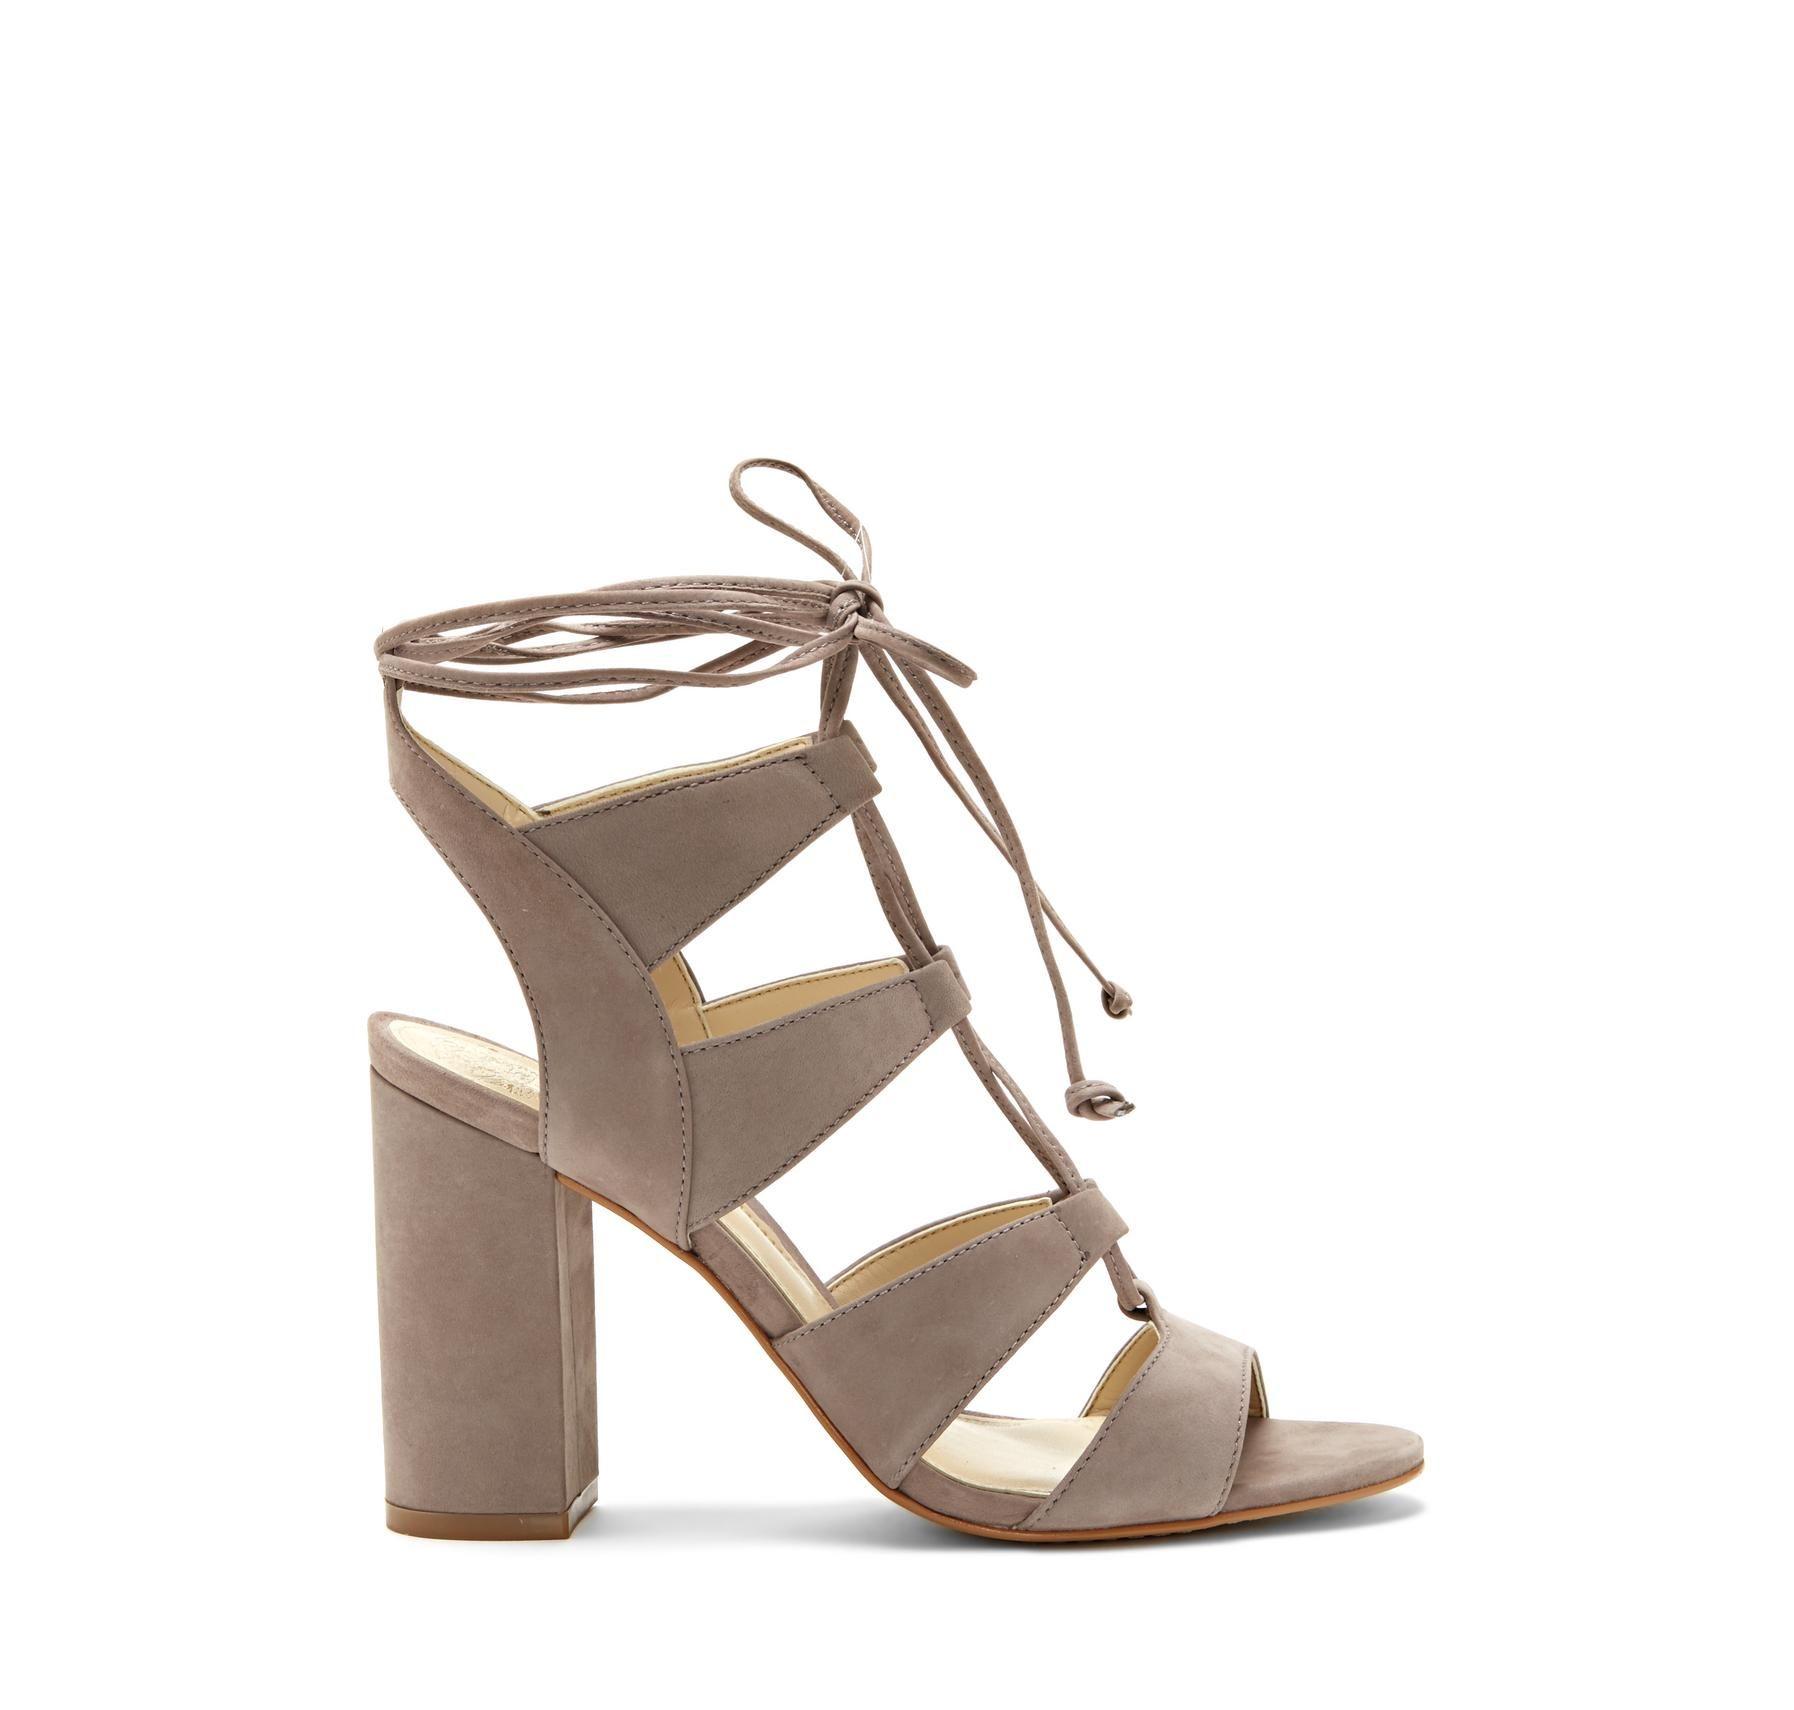 8ee9e816d537 Vince Camuto Winola - Lace-Up Cutout Sandal - Vince Camuto